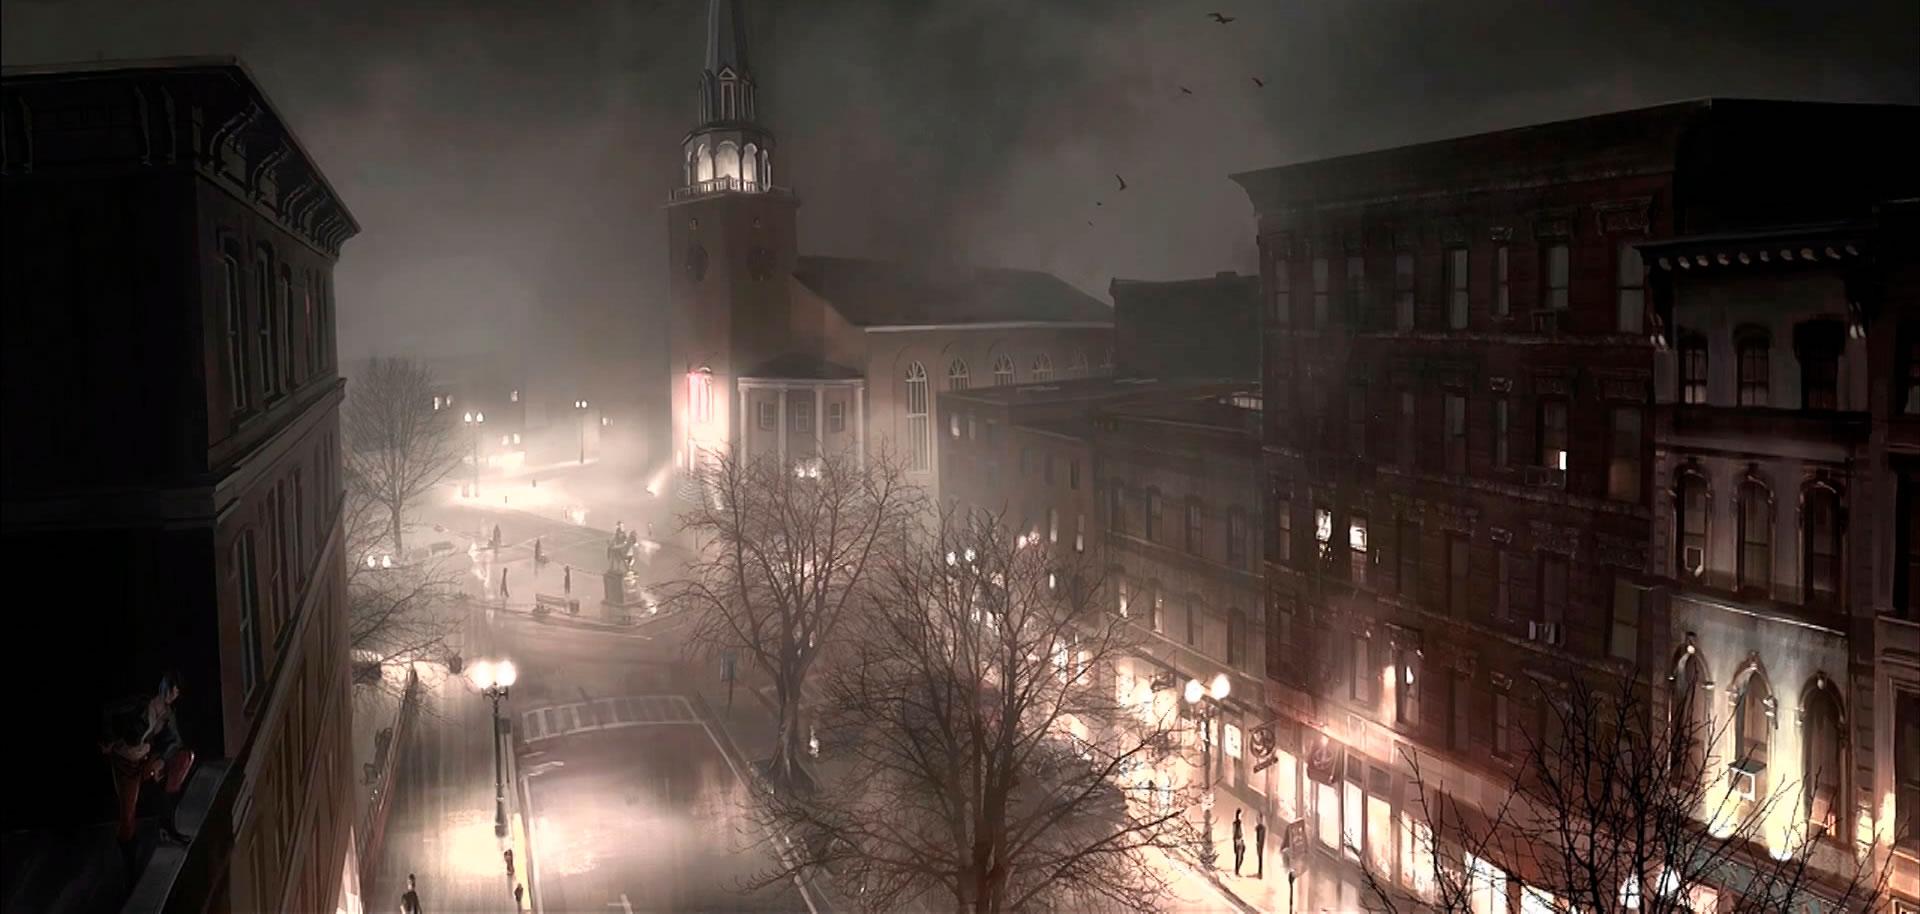 World of Darkness: Скриншоты и руководство из отмененной World of Darkness попали в сеть